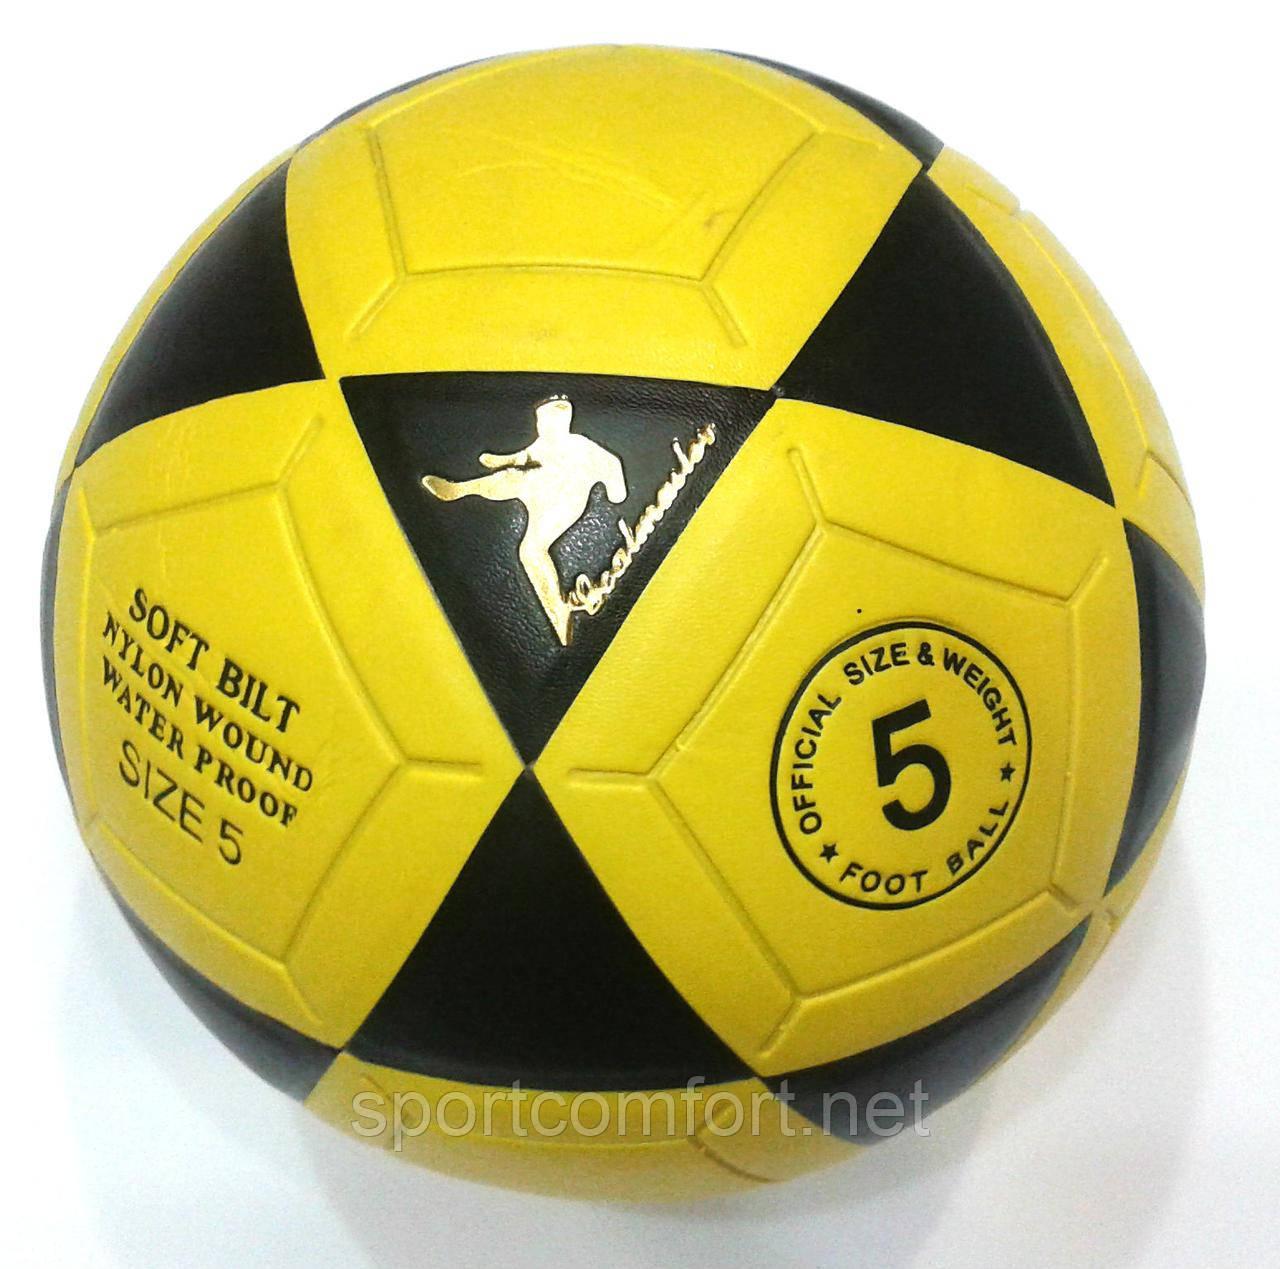 Мяч футбольный №5 бесшовный (ПВХ) Extreme motion (футбольний м'яч)